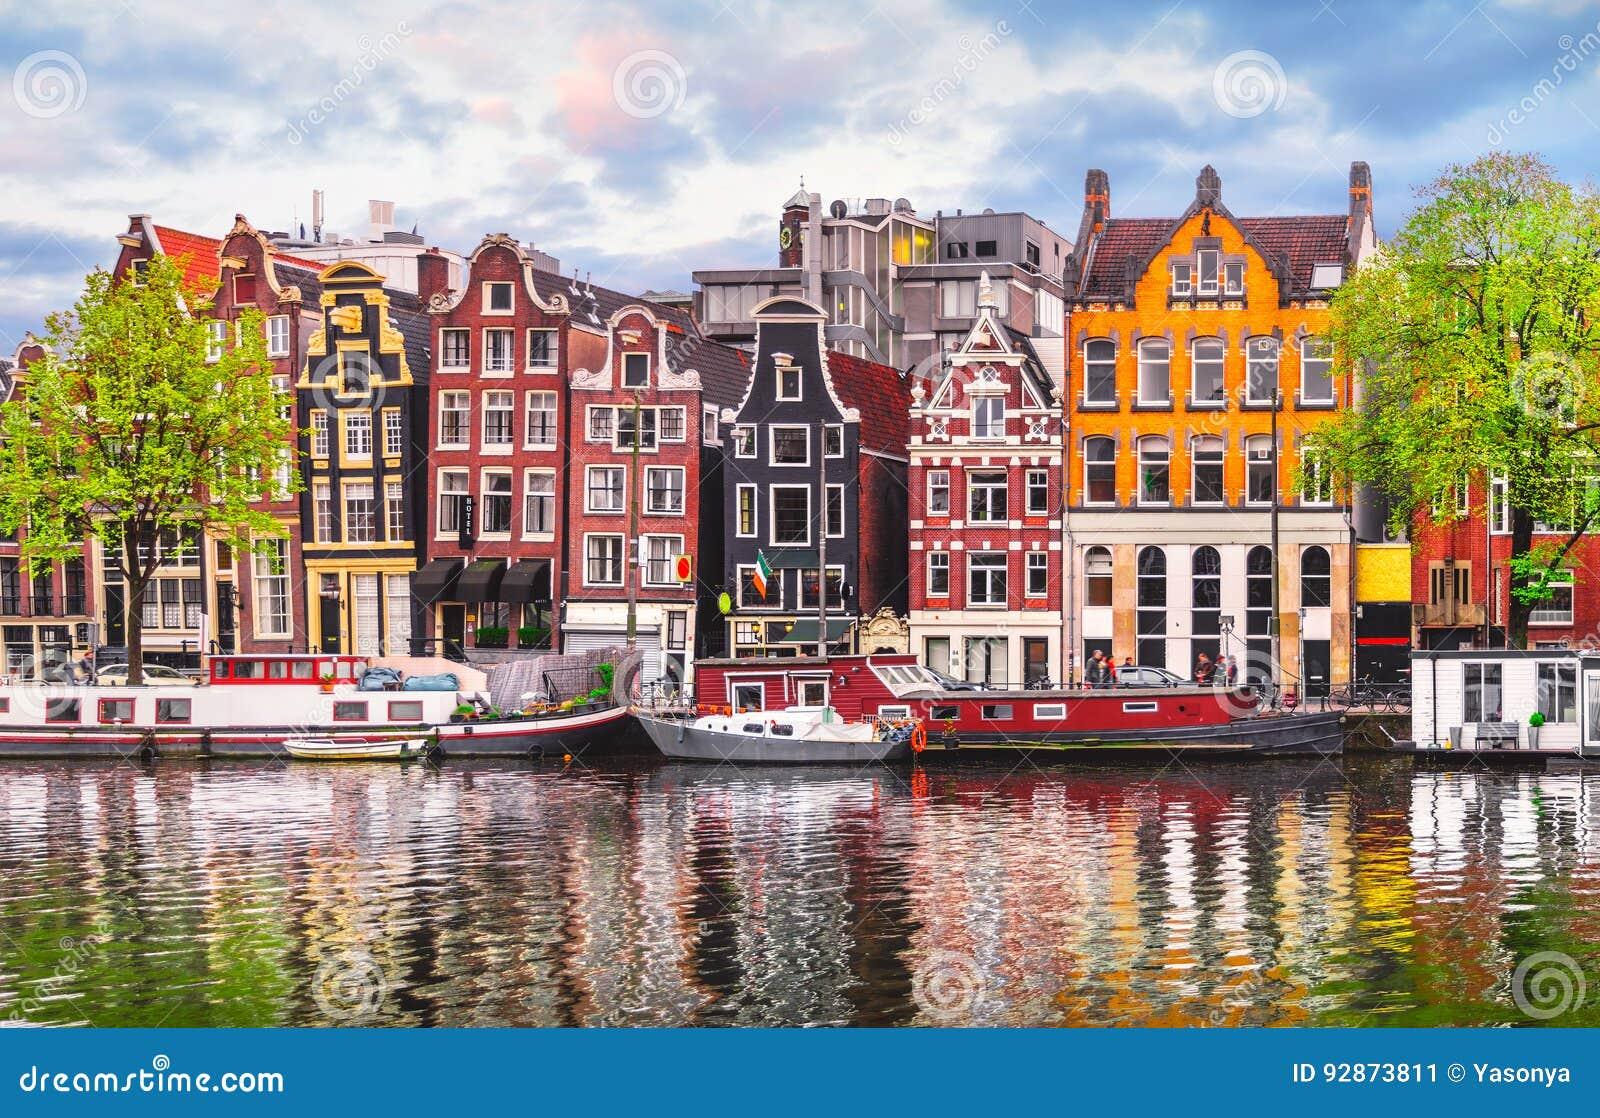 Amsterdam nederländska danshus över floden Amstel